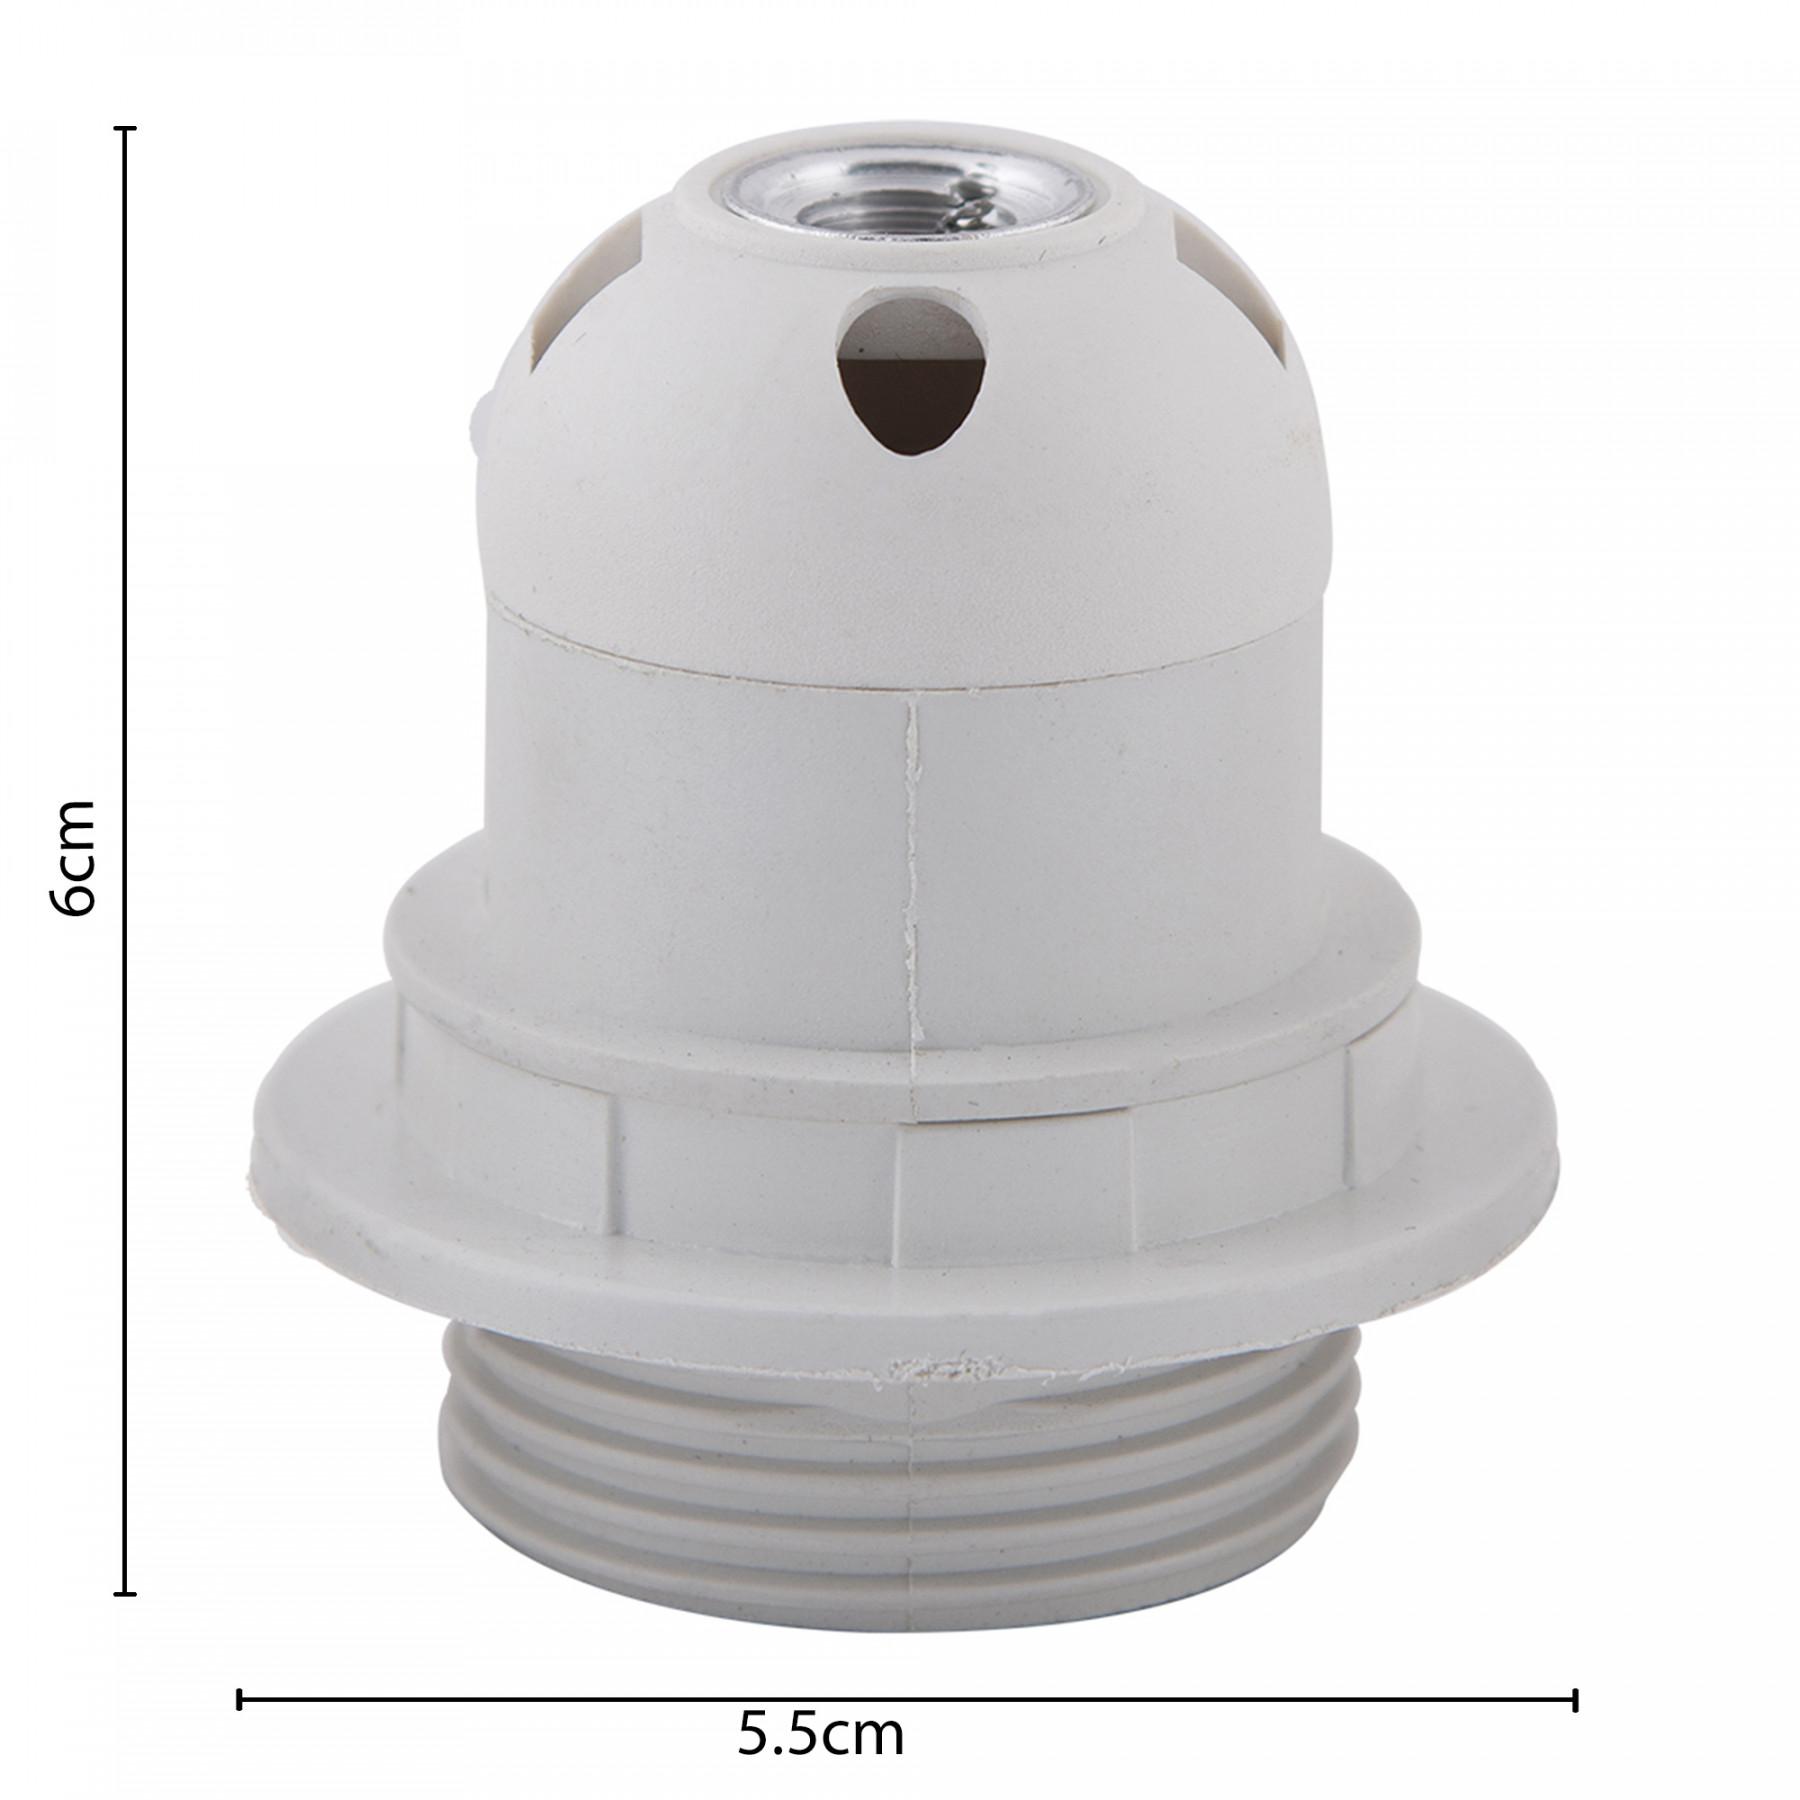 Edison Screw Type Holder E27 White Ring Type For Table